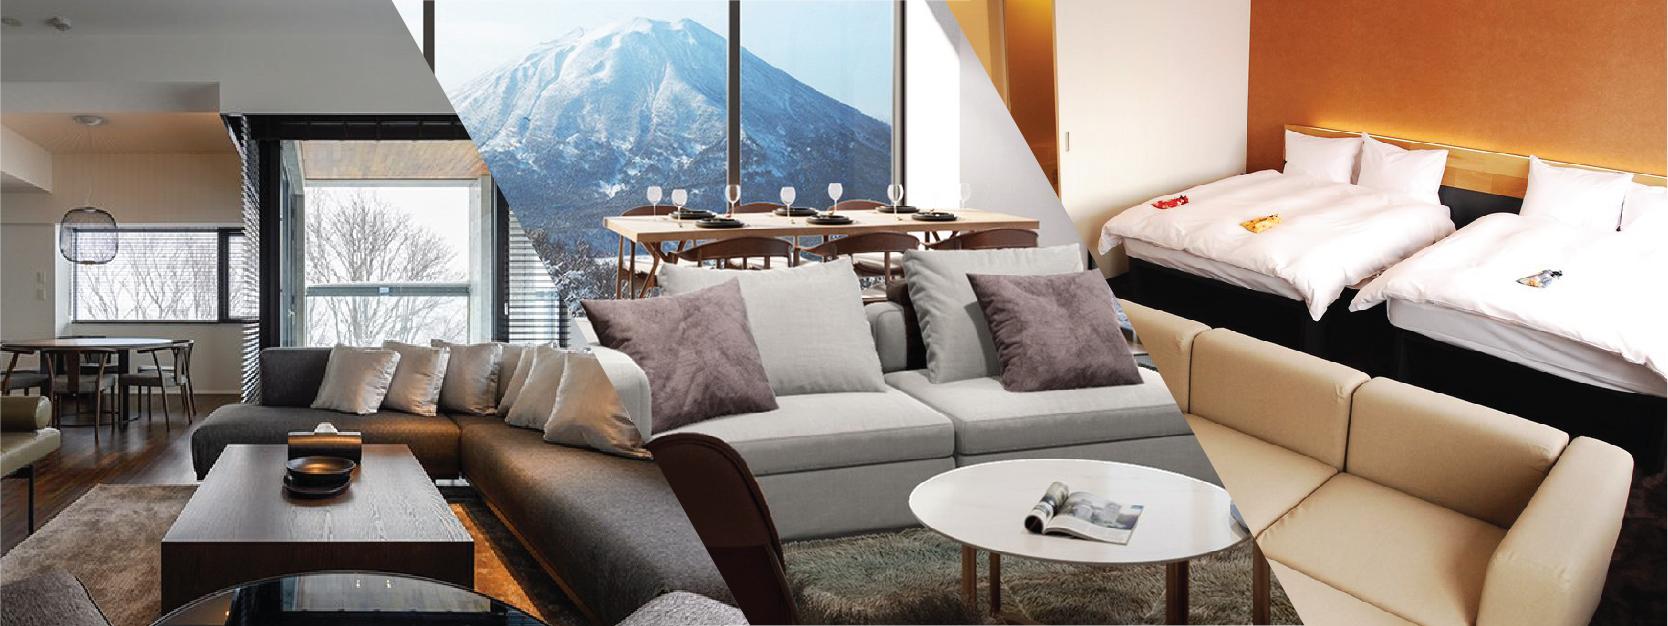 hinzan intuition always niseko apartments hotel early bird discounts